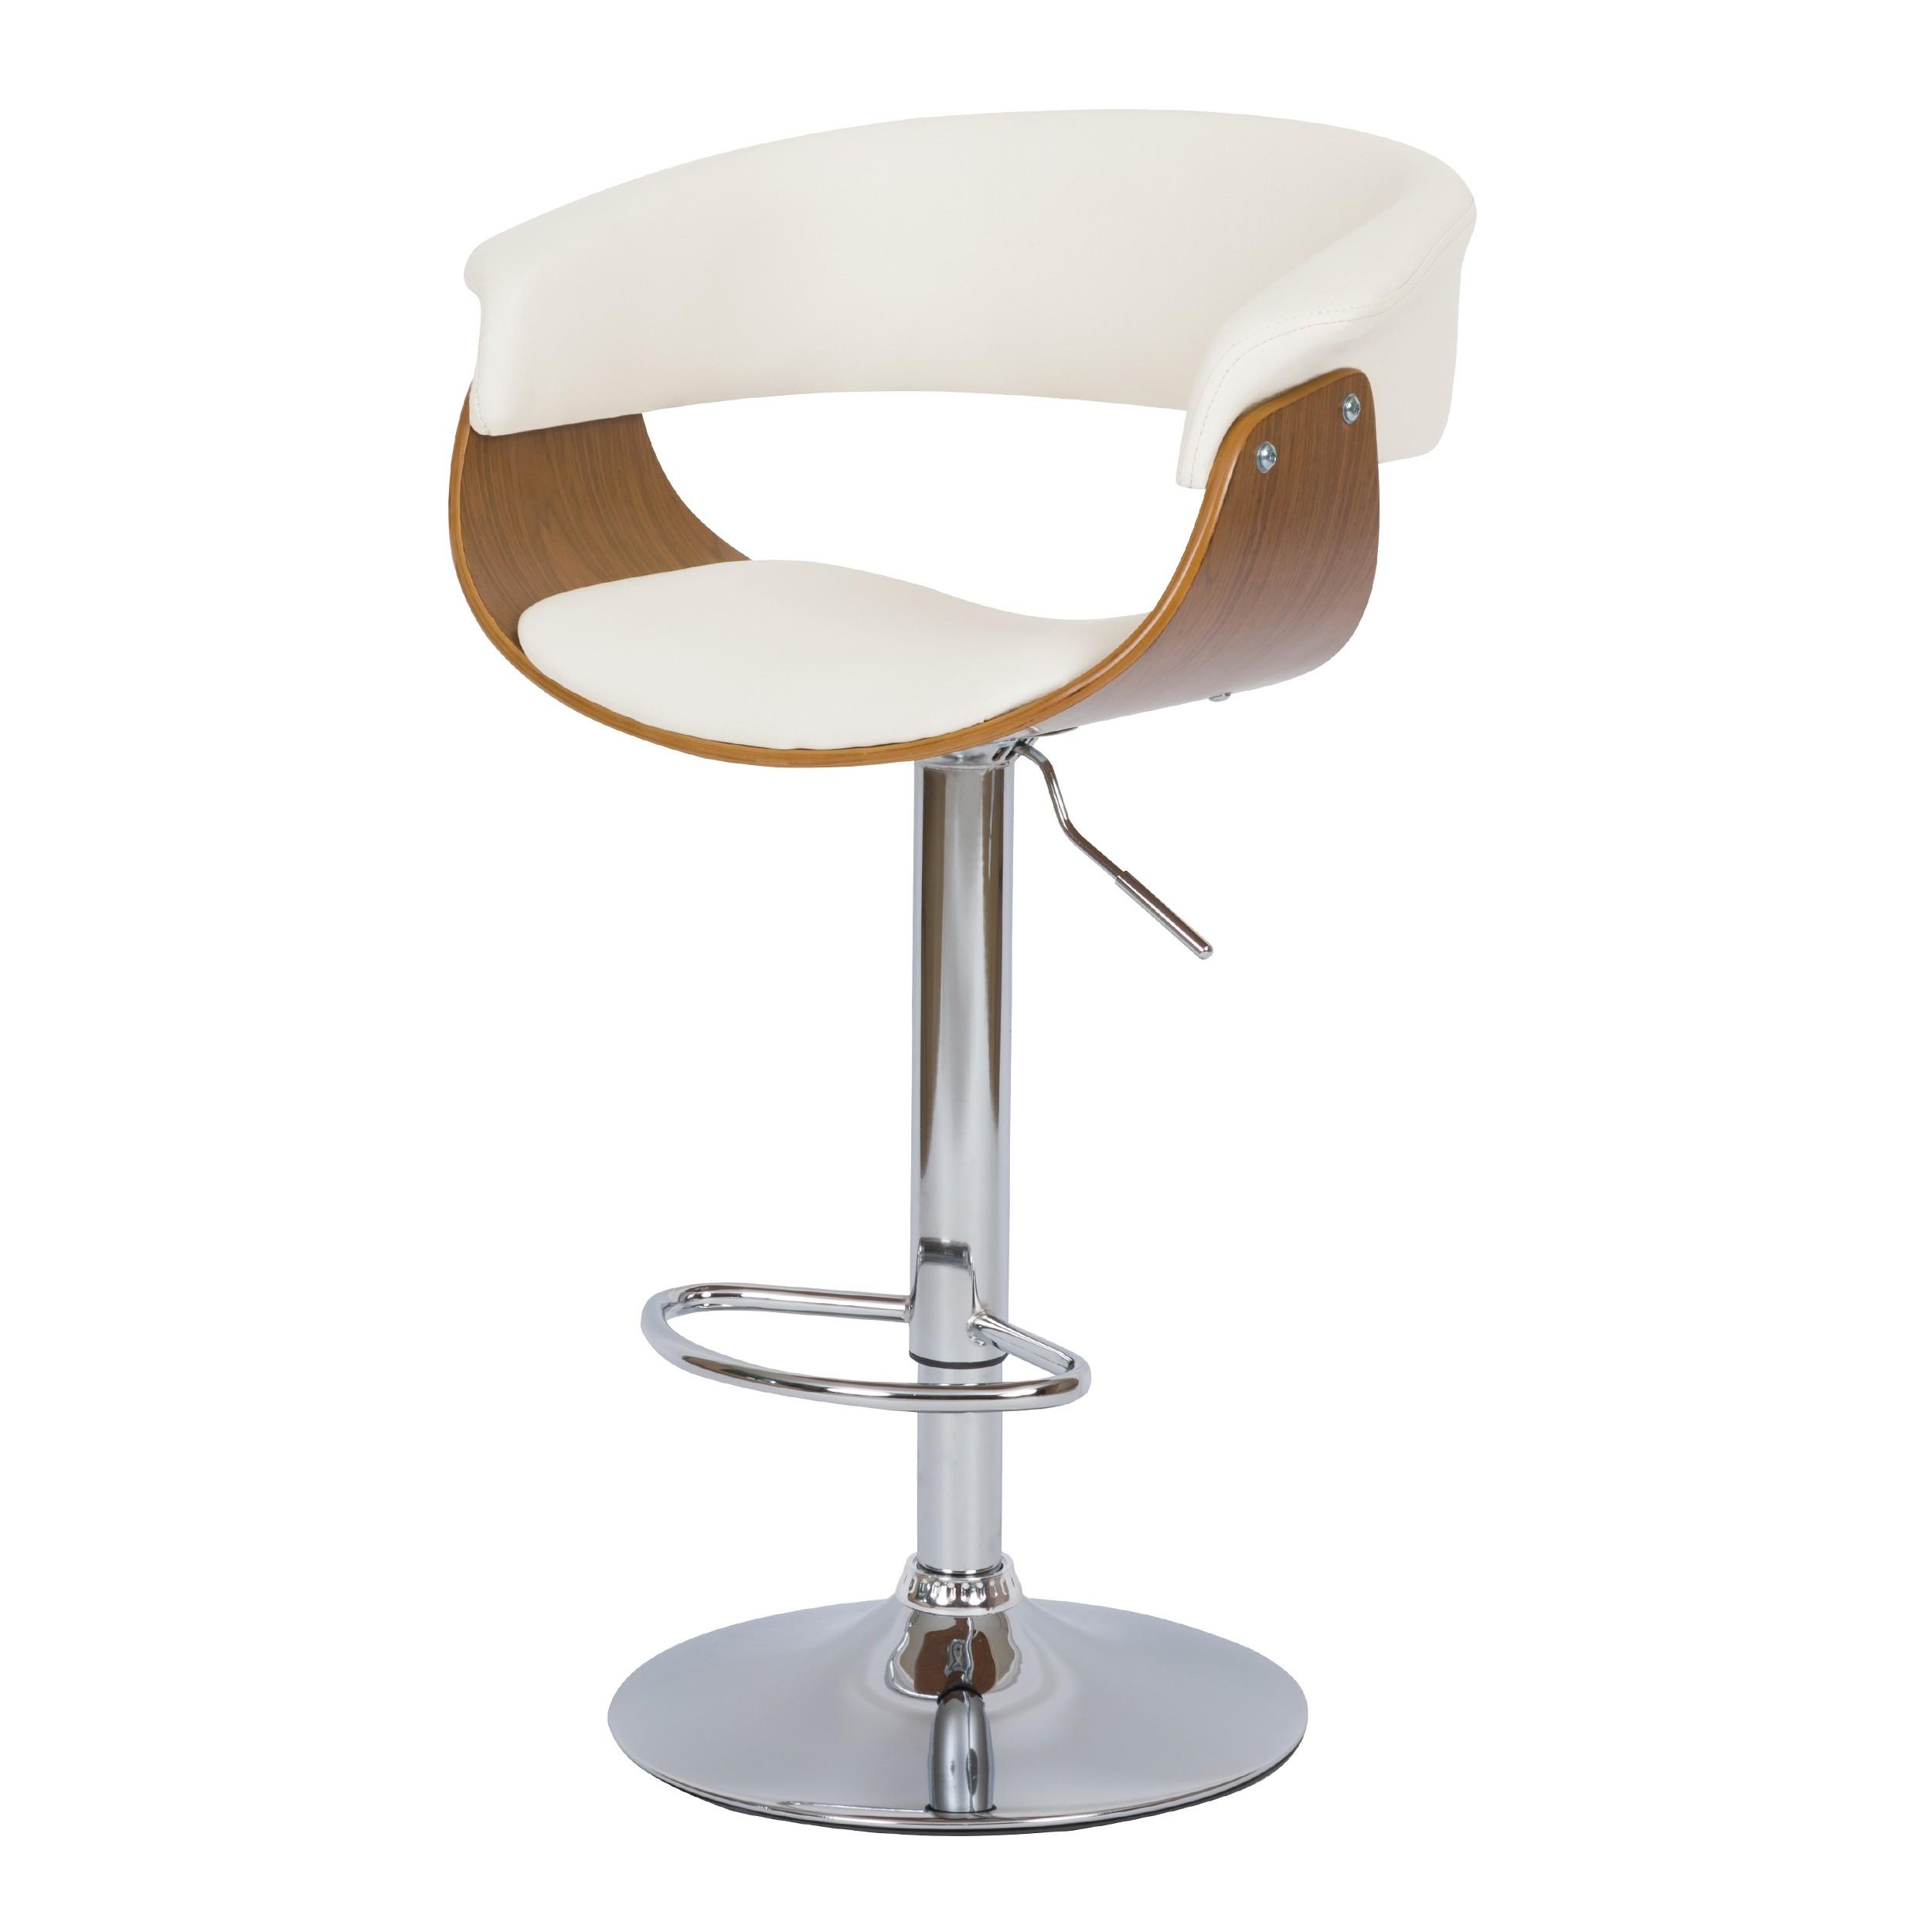 chaise de bar blanche basile avec accoudoirs 55 5 81 cm